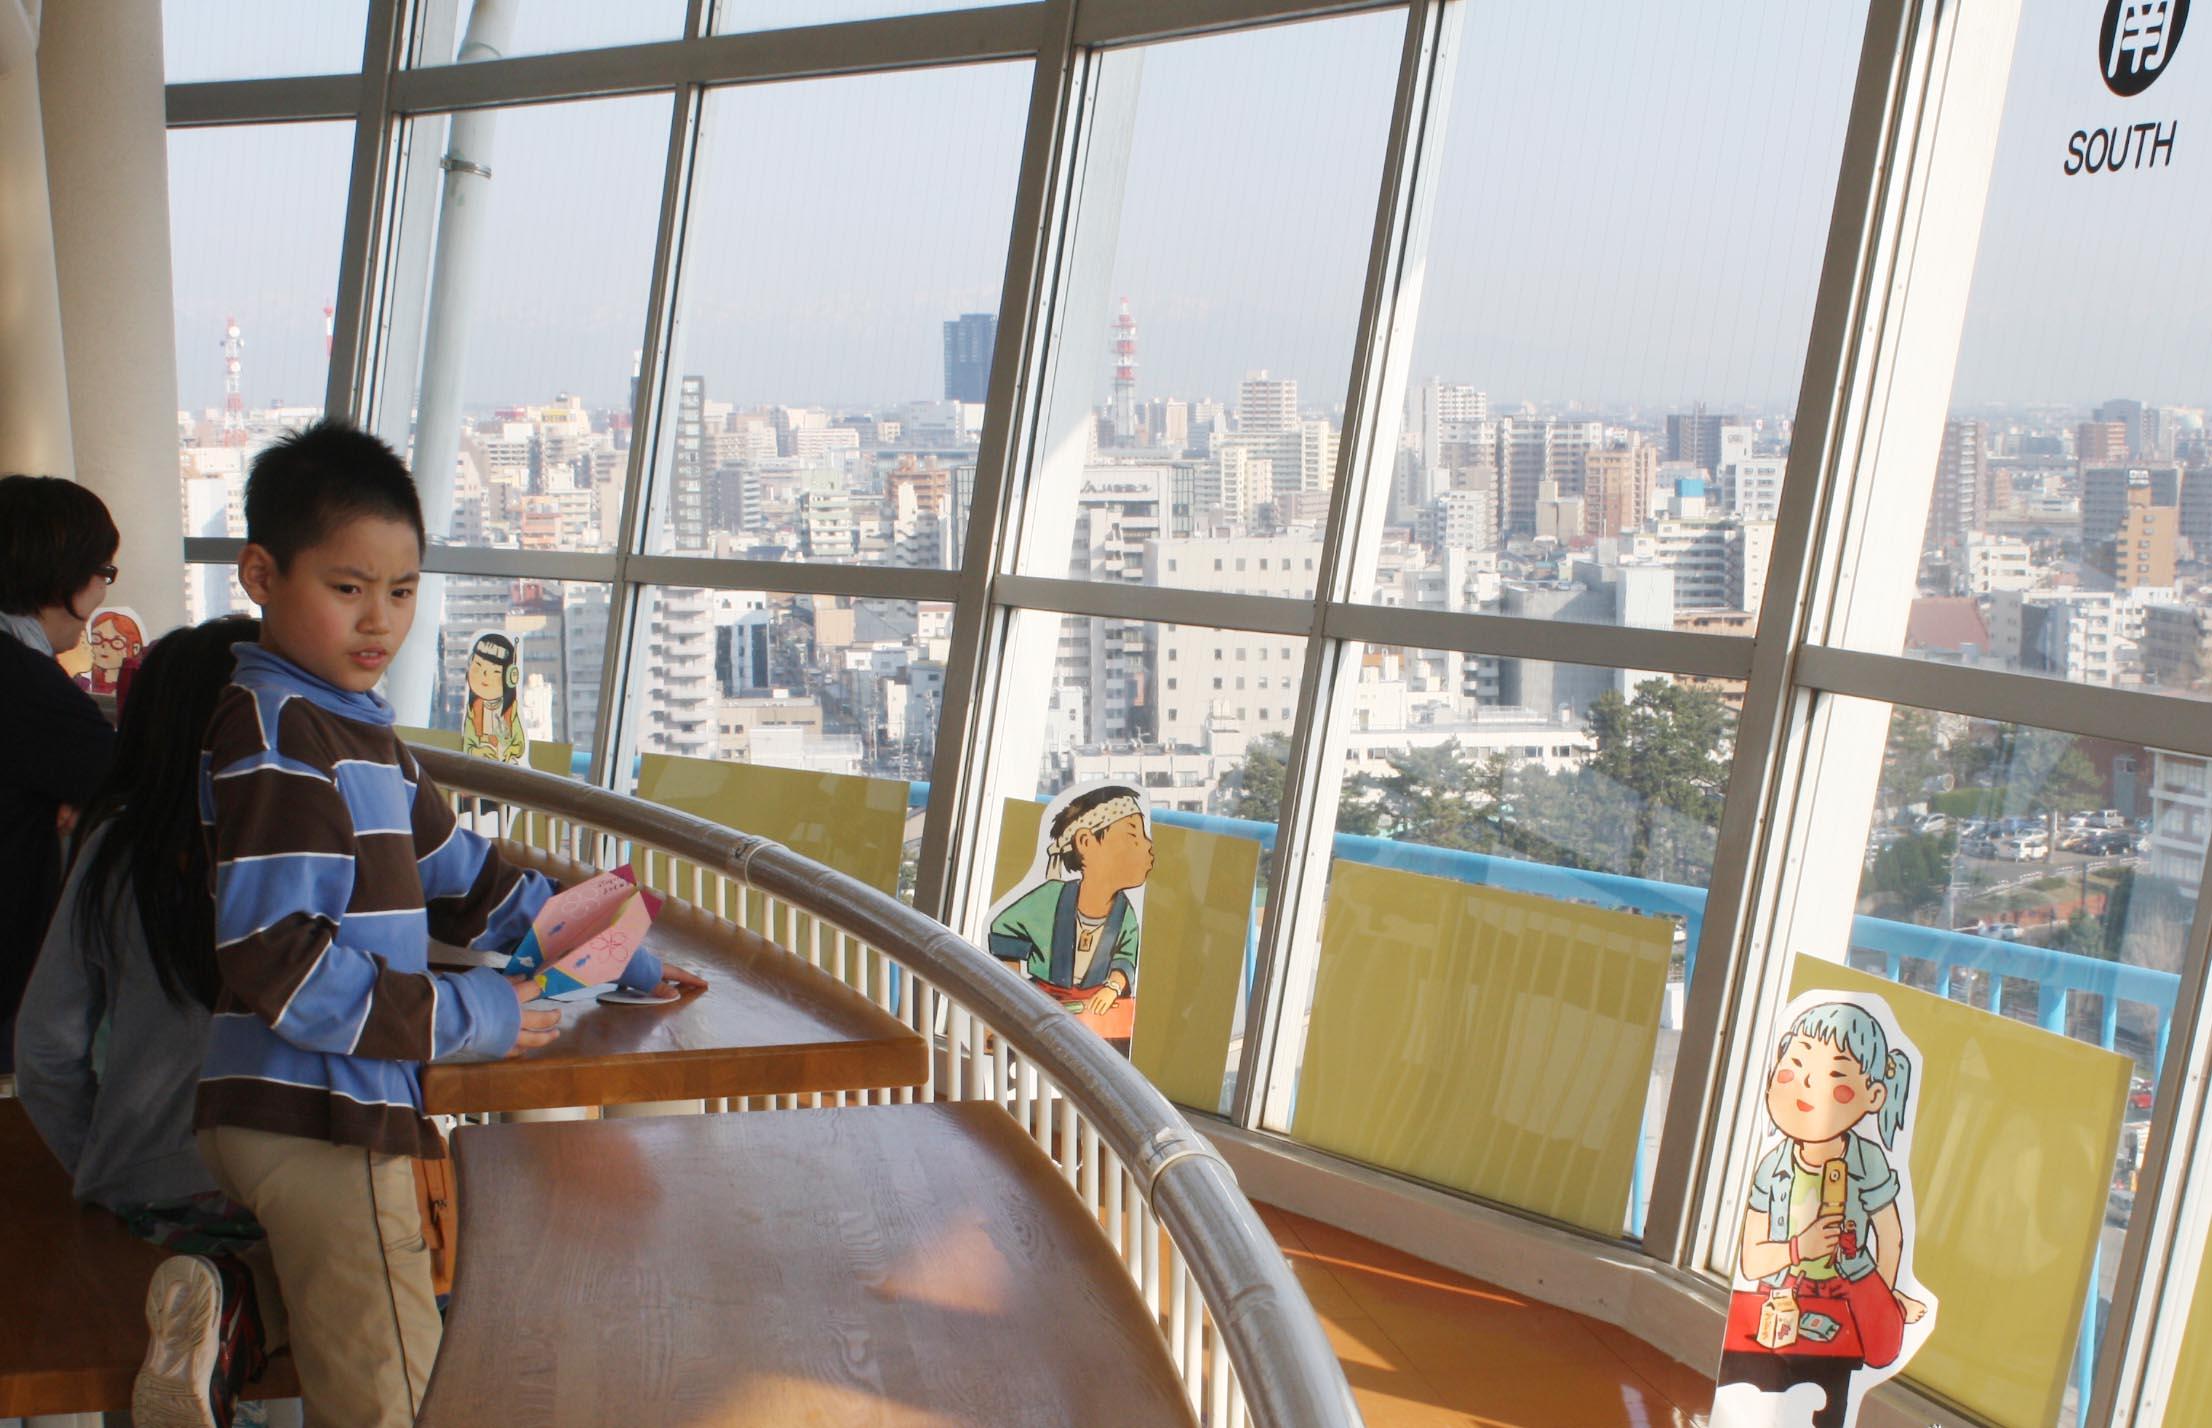 『春山登山2014展』が始まり、日本海タワーでチーム蔵織も参加しています。_d0178448_16372779.jpg